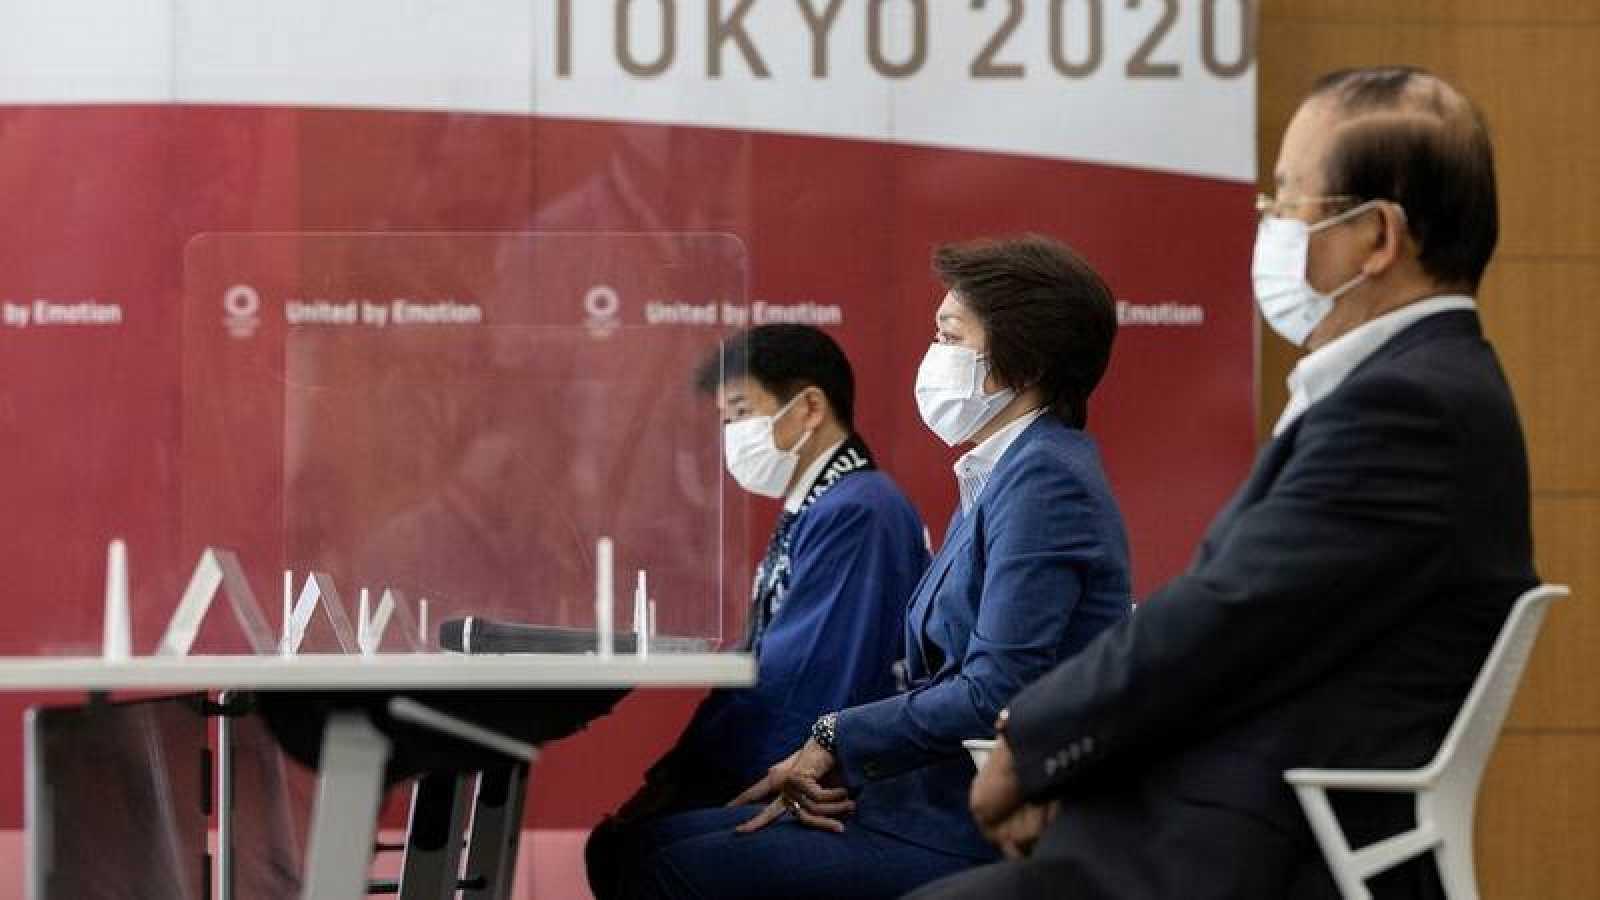 Rueda de prensa del Comité Organizador de los Juegos Olímpicos Tokyo 2020.